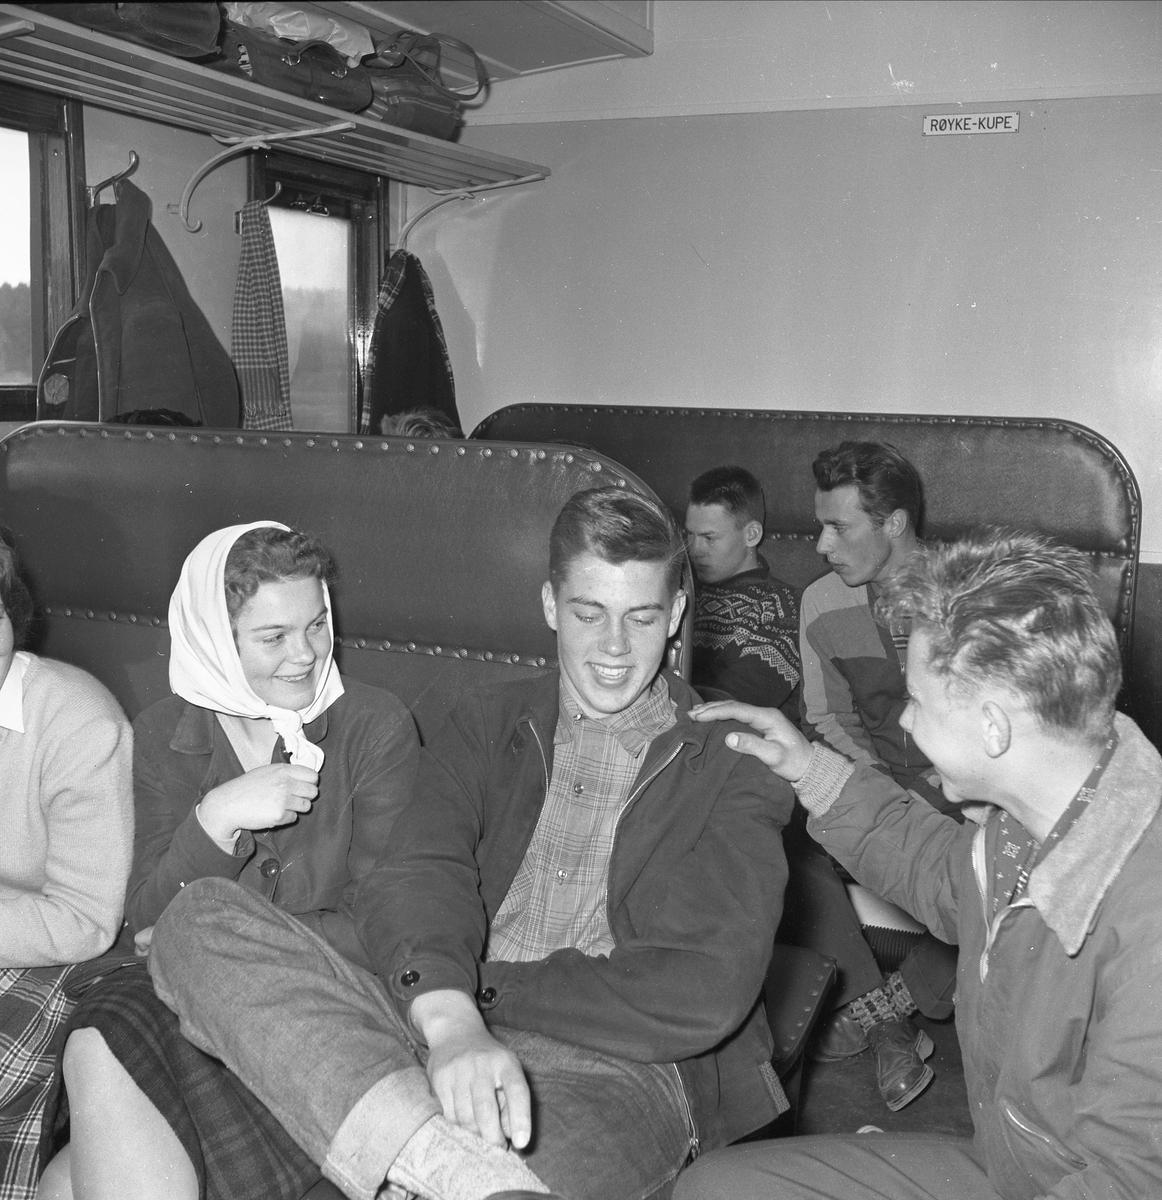 SKOLETOGET LØTEN TIL HAMAR. F. V. TOVE GUNDERSEN, ARNE HARALD BYSVEEN, JON SANDE?, BAK F. V. HANS ØVERGAARD, LEIF SØBERG? SE BOKA PÅ ET HUNDNREDELS SEKUND, LØTEN OG OMEGN 19571964 I ORD OG BILDERAV HELGE REISTAD S. 92